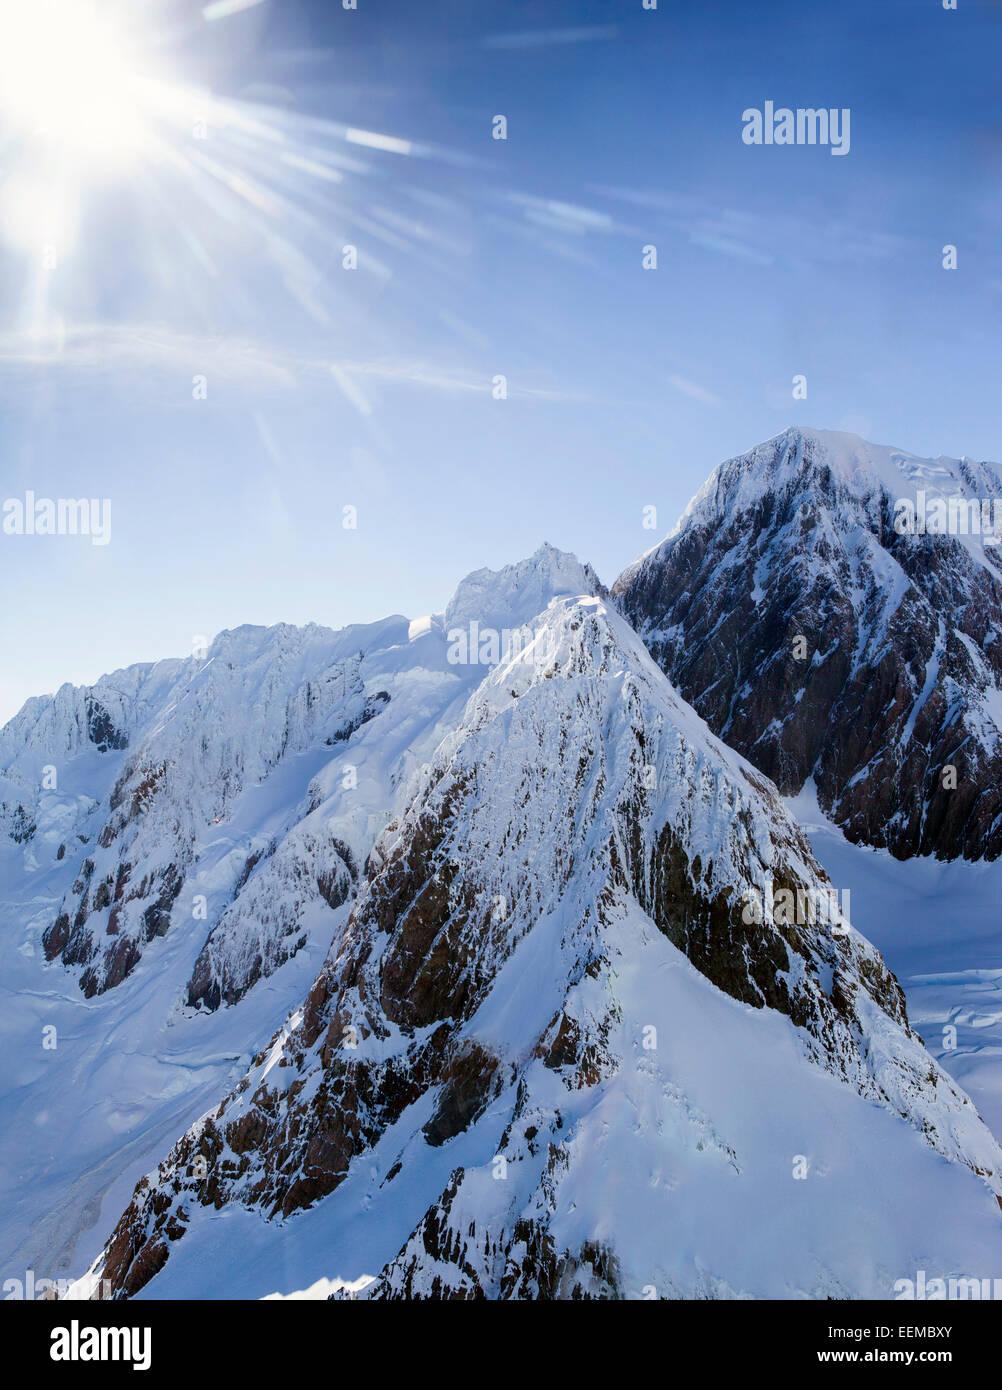 Les sommets des montagnes couvertes de neige Photo Stock